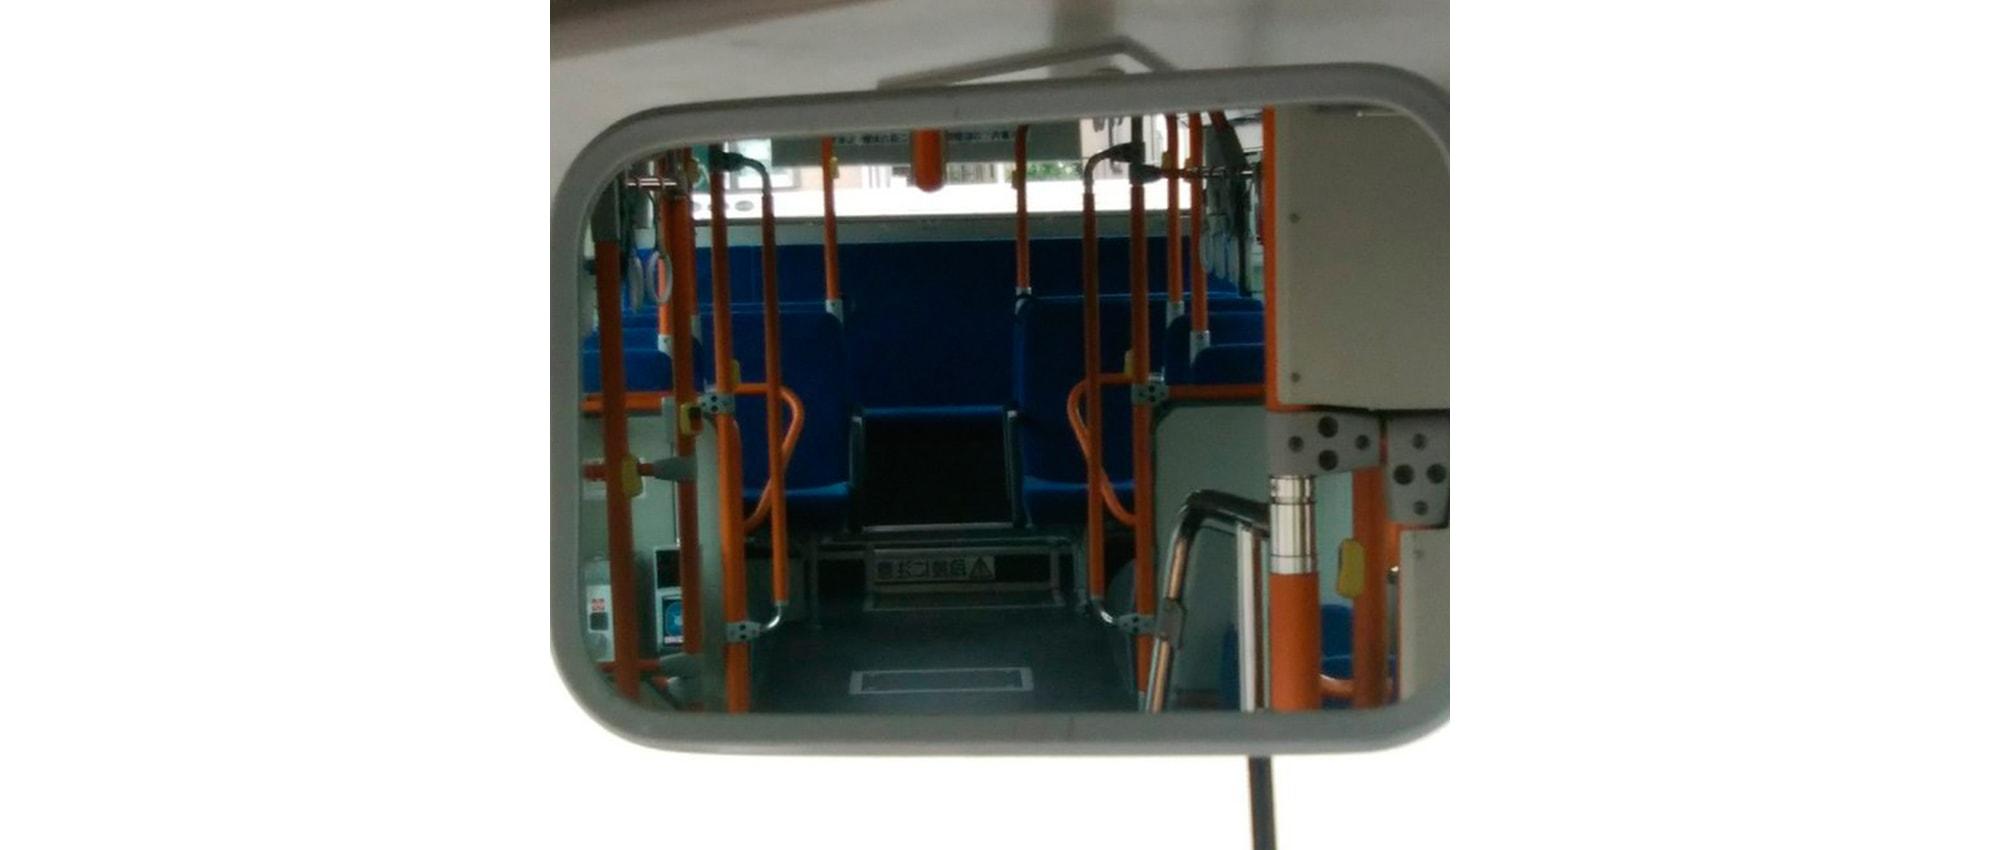 Водитель рассказал, на какое место в Японских автобусах лучше не садится женщинам в юбках